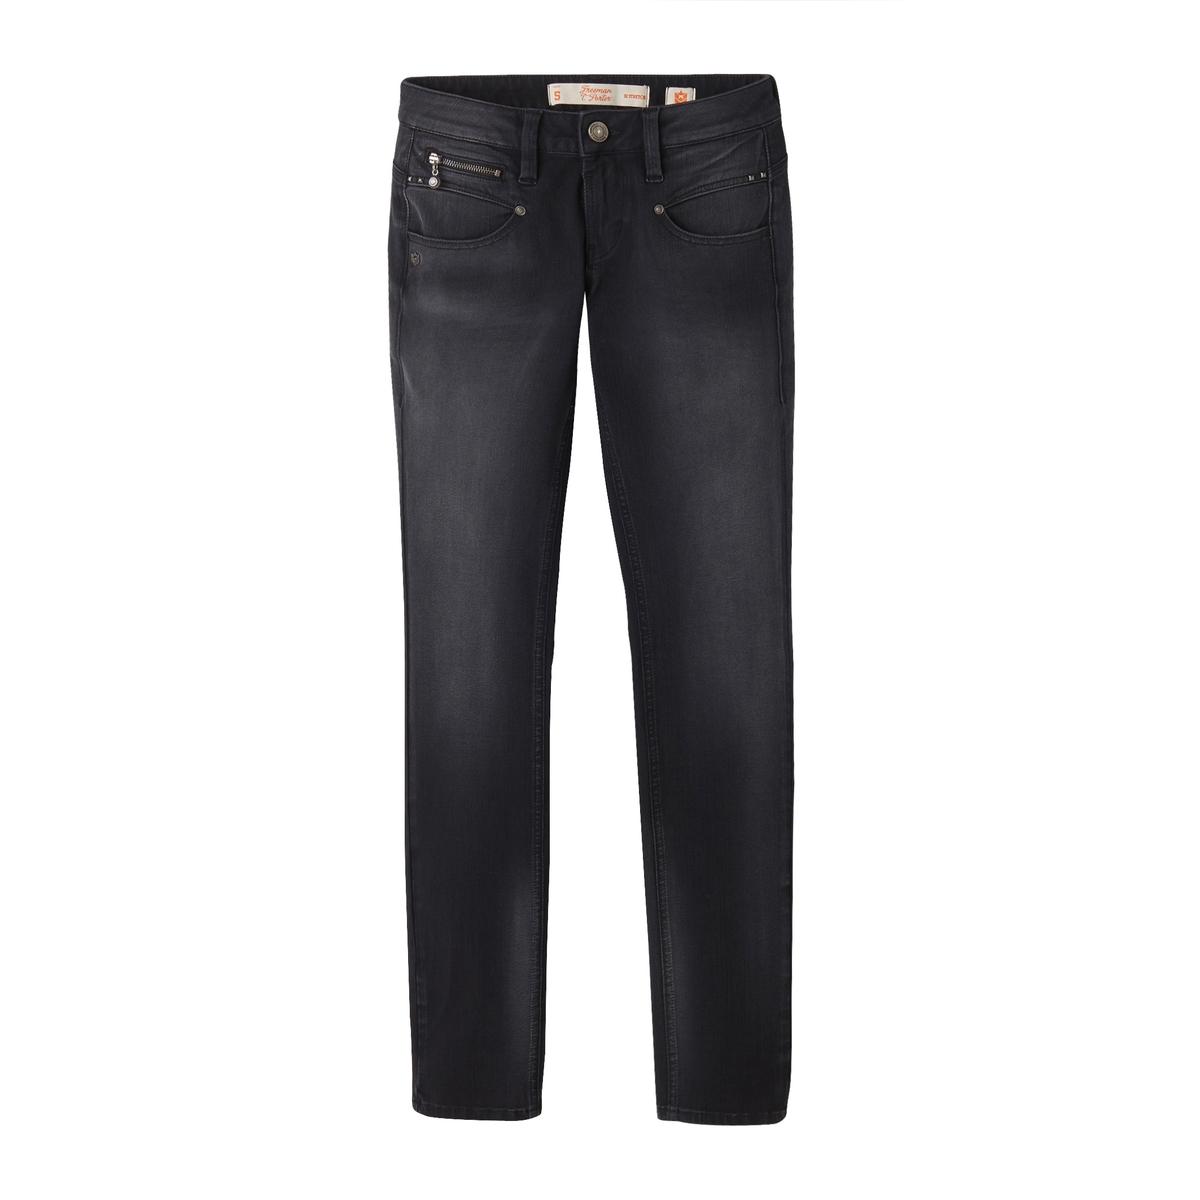 Узкие джинсы ALEXA BI-Strech денимДетали •  Узкие •  Стандартная высота поясаСостав и уход •  66% хлопка, 5% эластана, 18% эластомультиэстера, 11% других волокон •  Следуйте советам по уходу, указанным на этикетке<br><br>Цвет: синий потертый,черный потертый<br>Размер: S.M.L.M